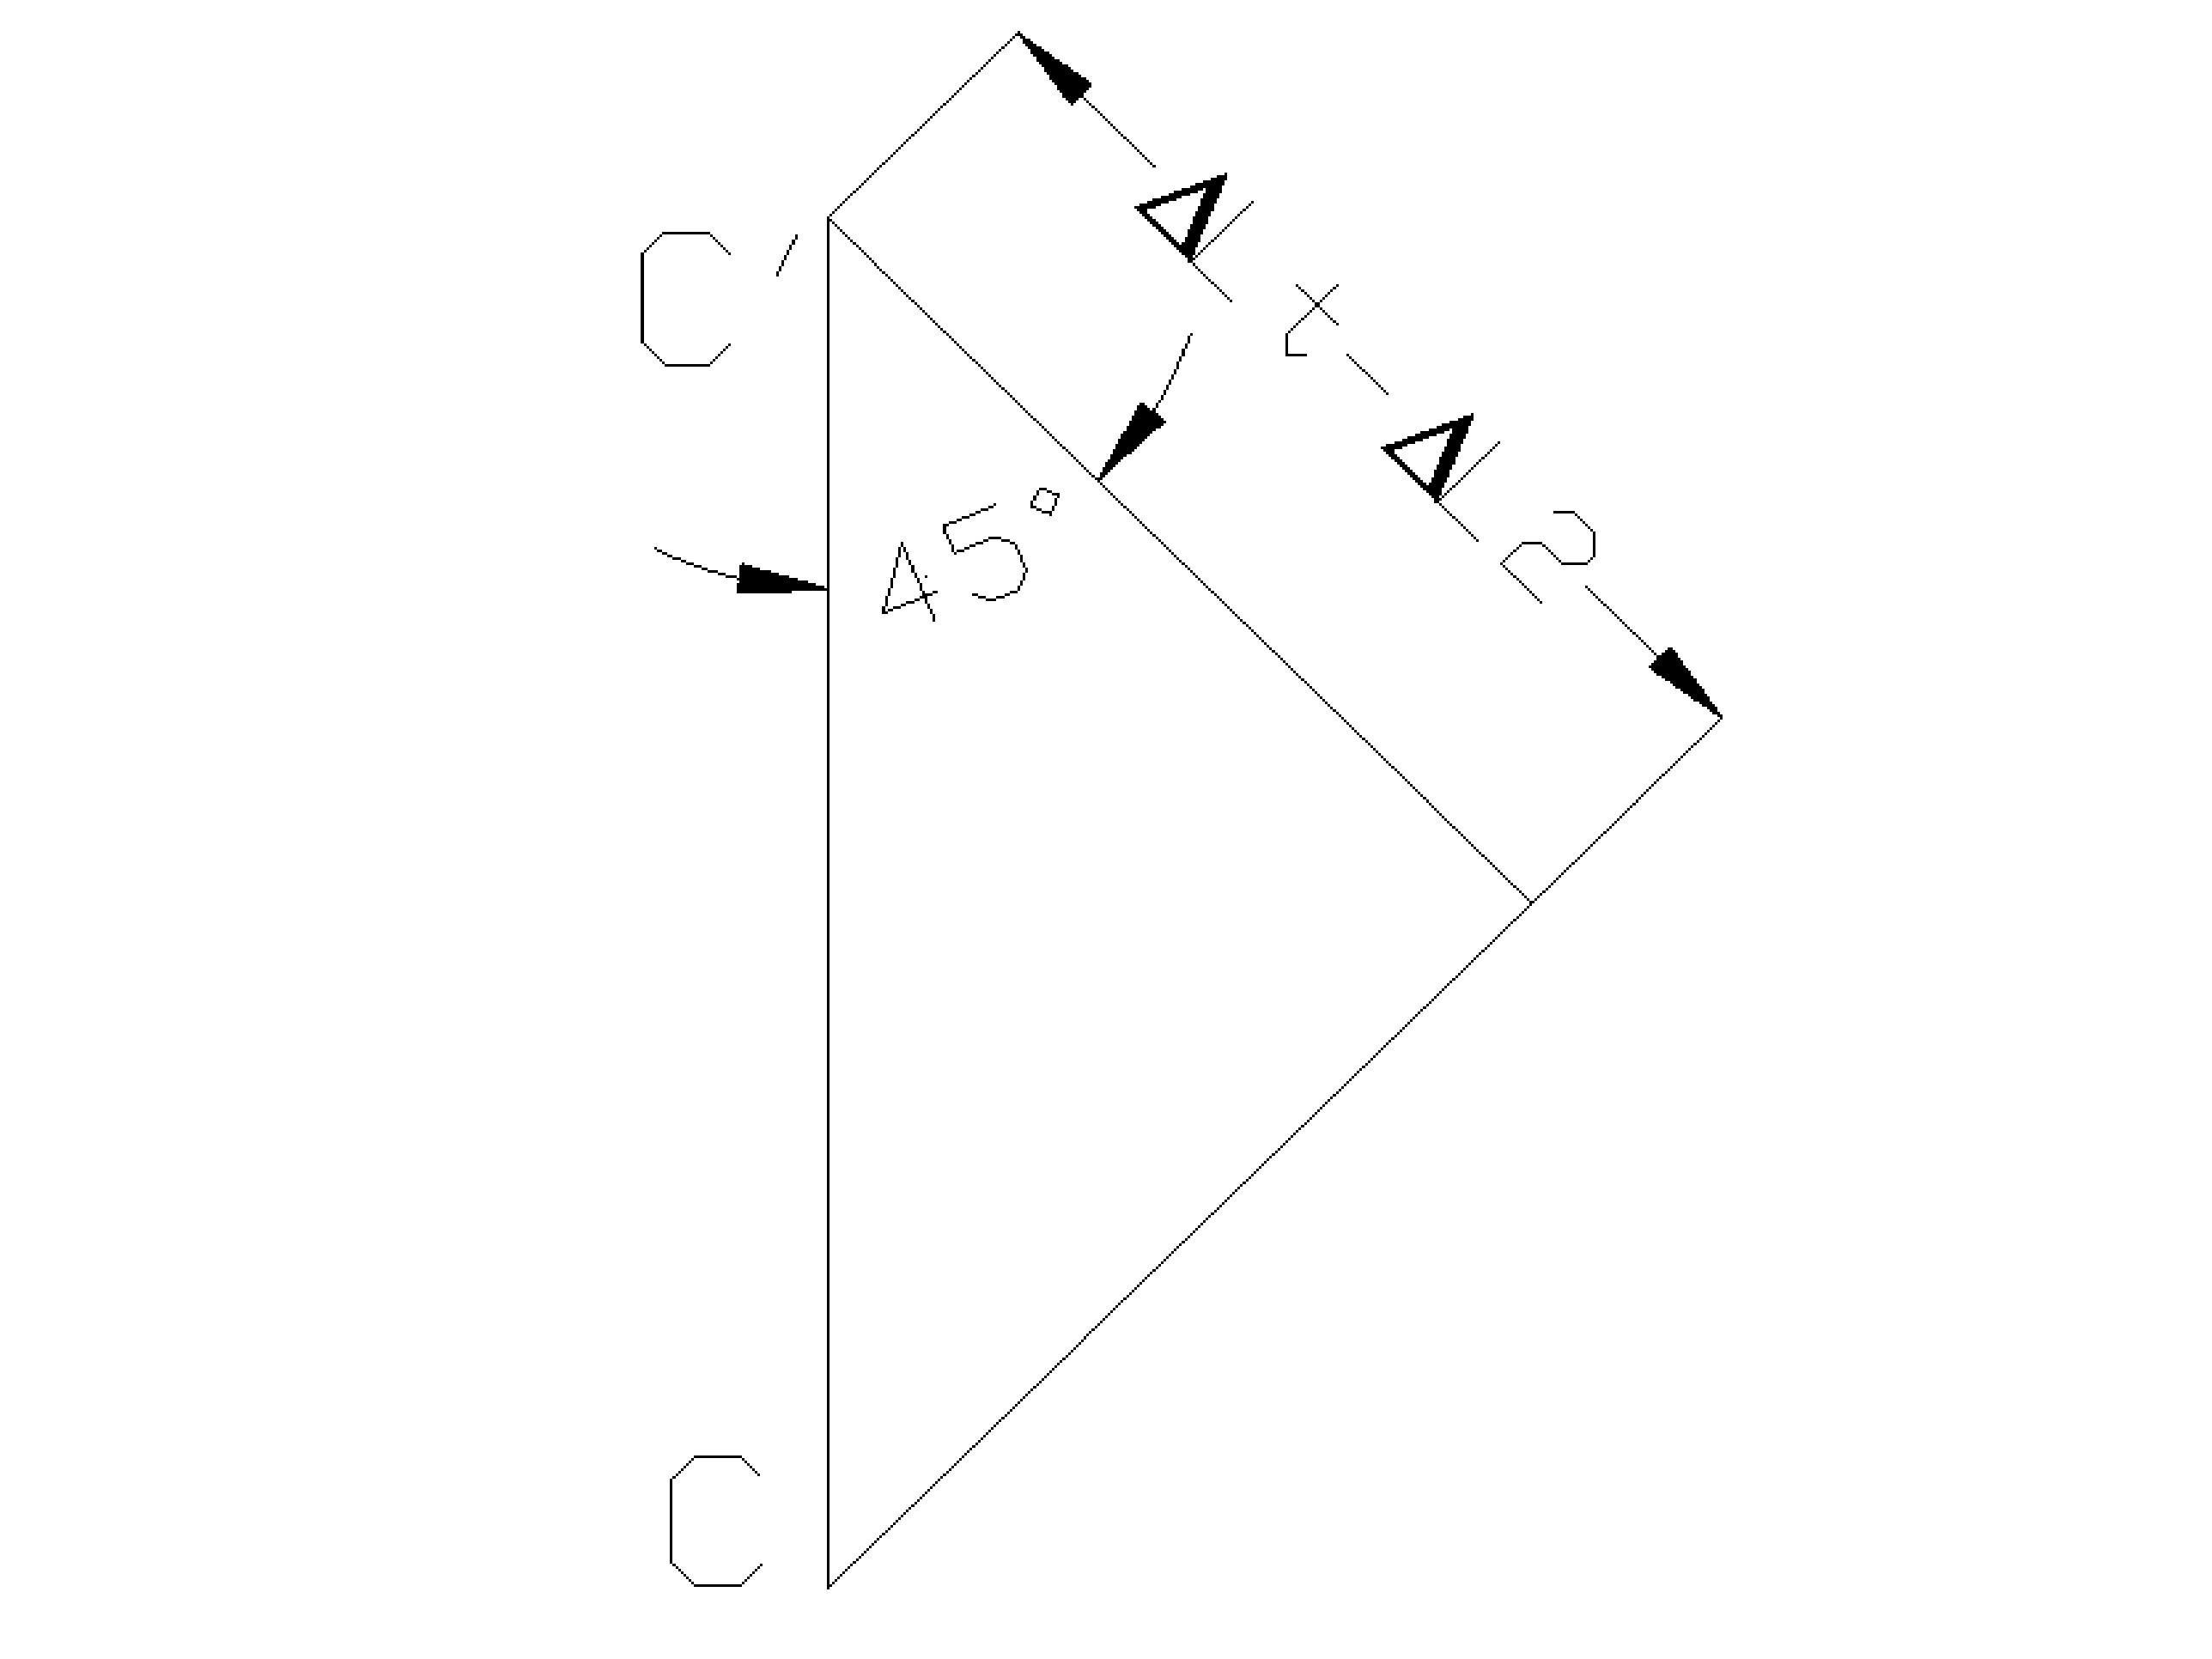 rozciaganie9 - Odkształcenie temperaturowe i układ statycznie niewyznaczalny - wytrzymałość - zadanie 18